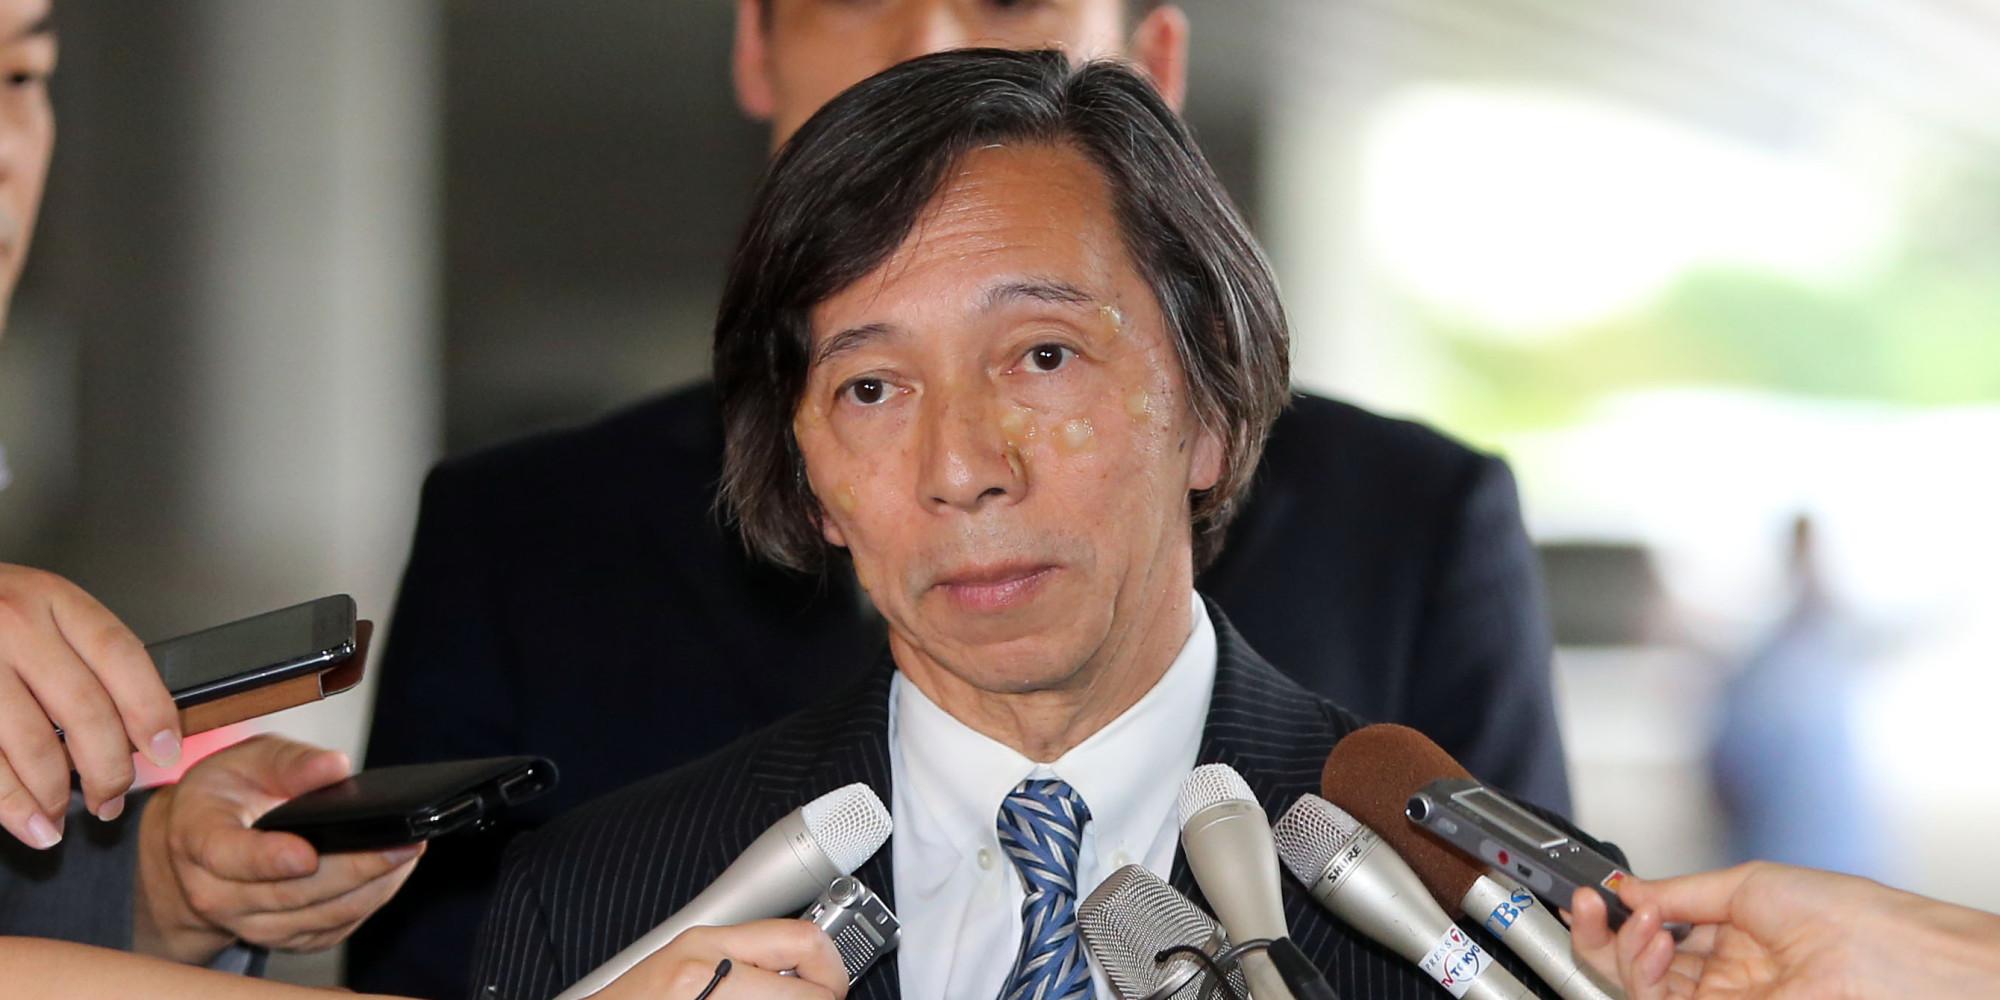 전 주한 일본대사가 밝힌 '한국인이 아니어서 다행인 이유' 5가지 | The Huffington Post